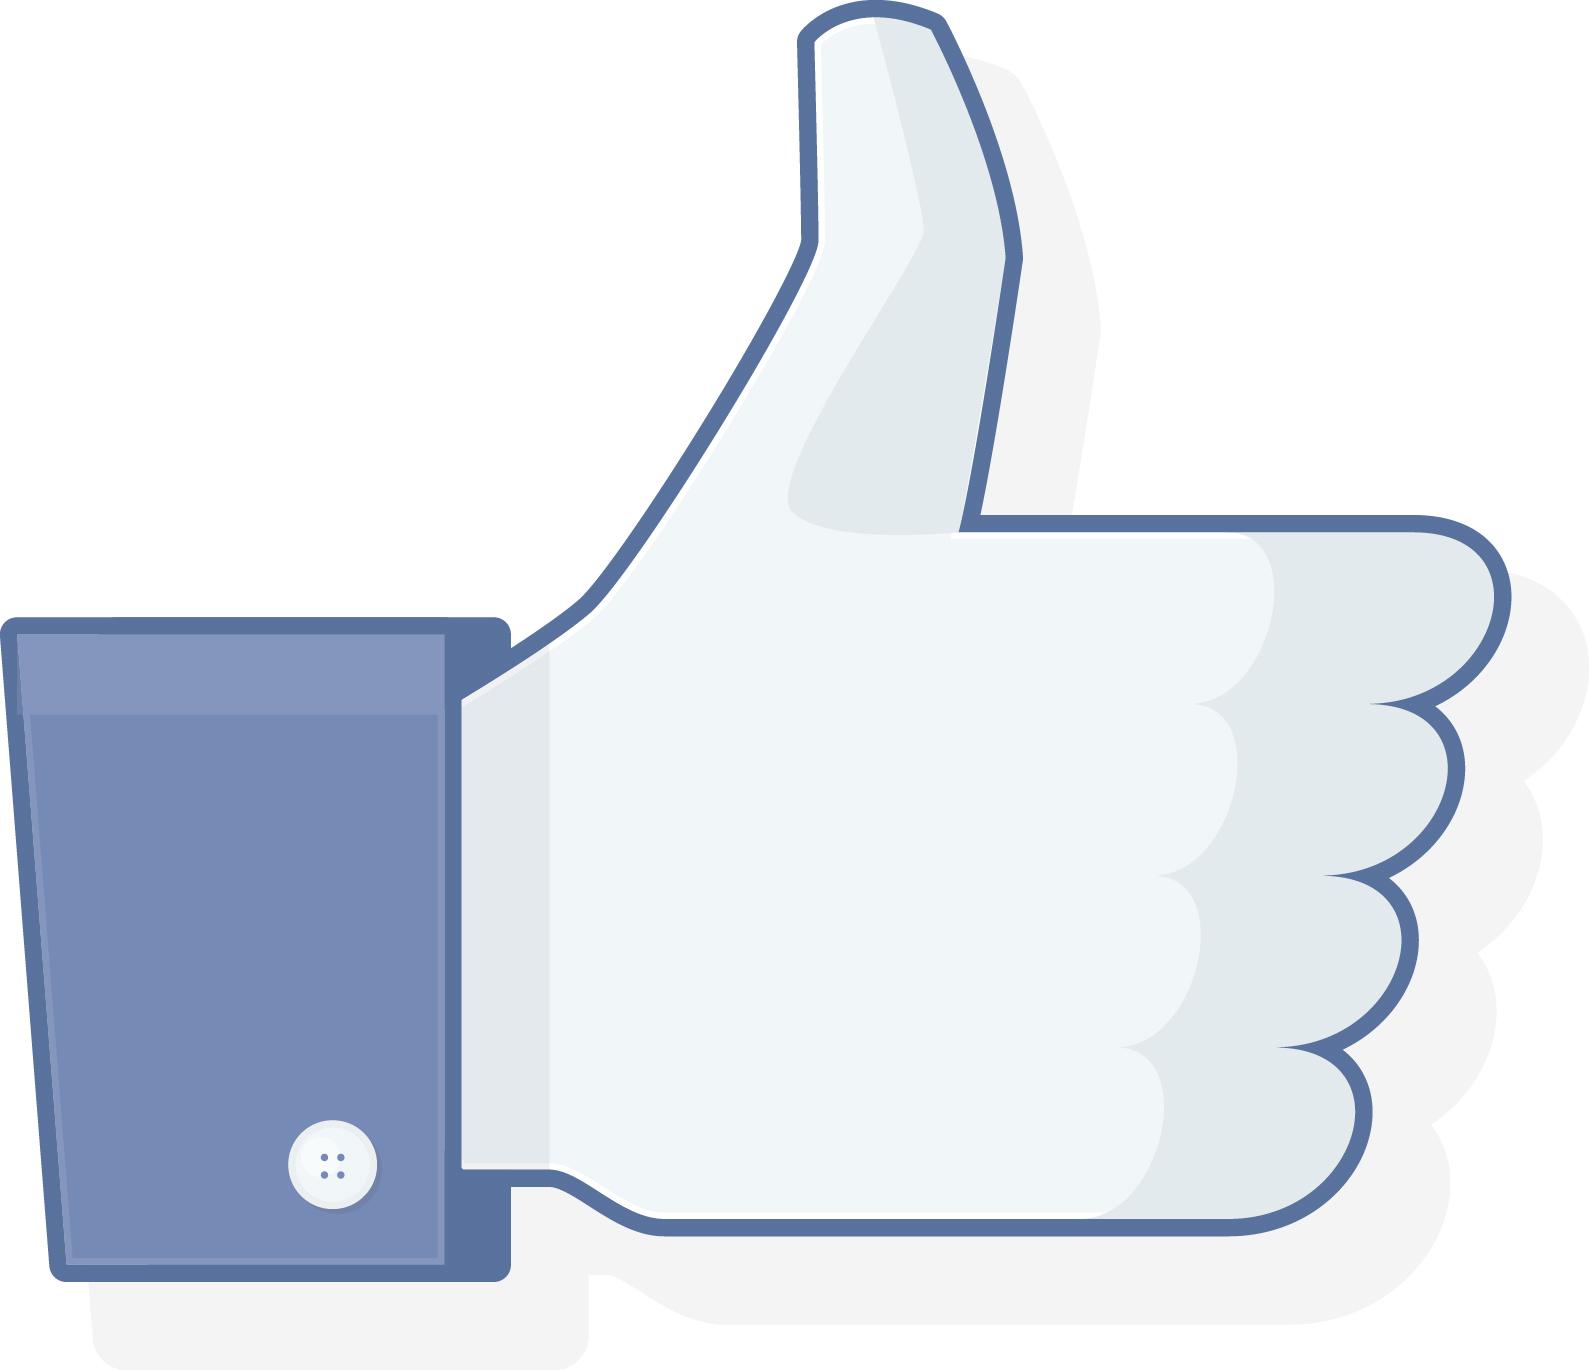 https://www.facebook.com/%D7%91%D7%99%D7%AA-%D7%A1%D7%A4%D7%A8-%D7%94%D7%9E%D7%9E%D7%93-%D7%A2%D7%95%D7%96%D7%99%D7%90%D7%9C-%D7%A7%D7%A8%D7%99%D7%99%D7%AA-%D7%A9%D7%9E%D7%95%D7%A0%D7%94-1083873671633261/?fref=photo